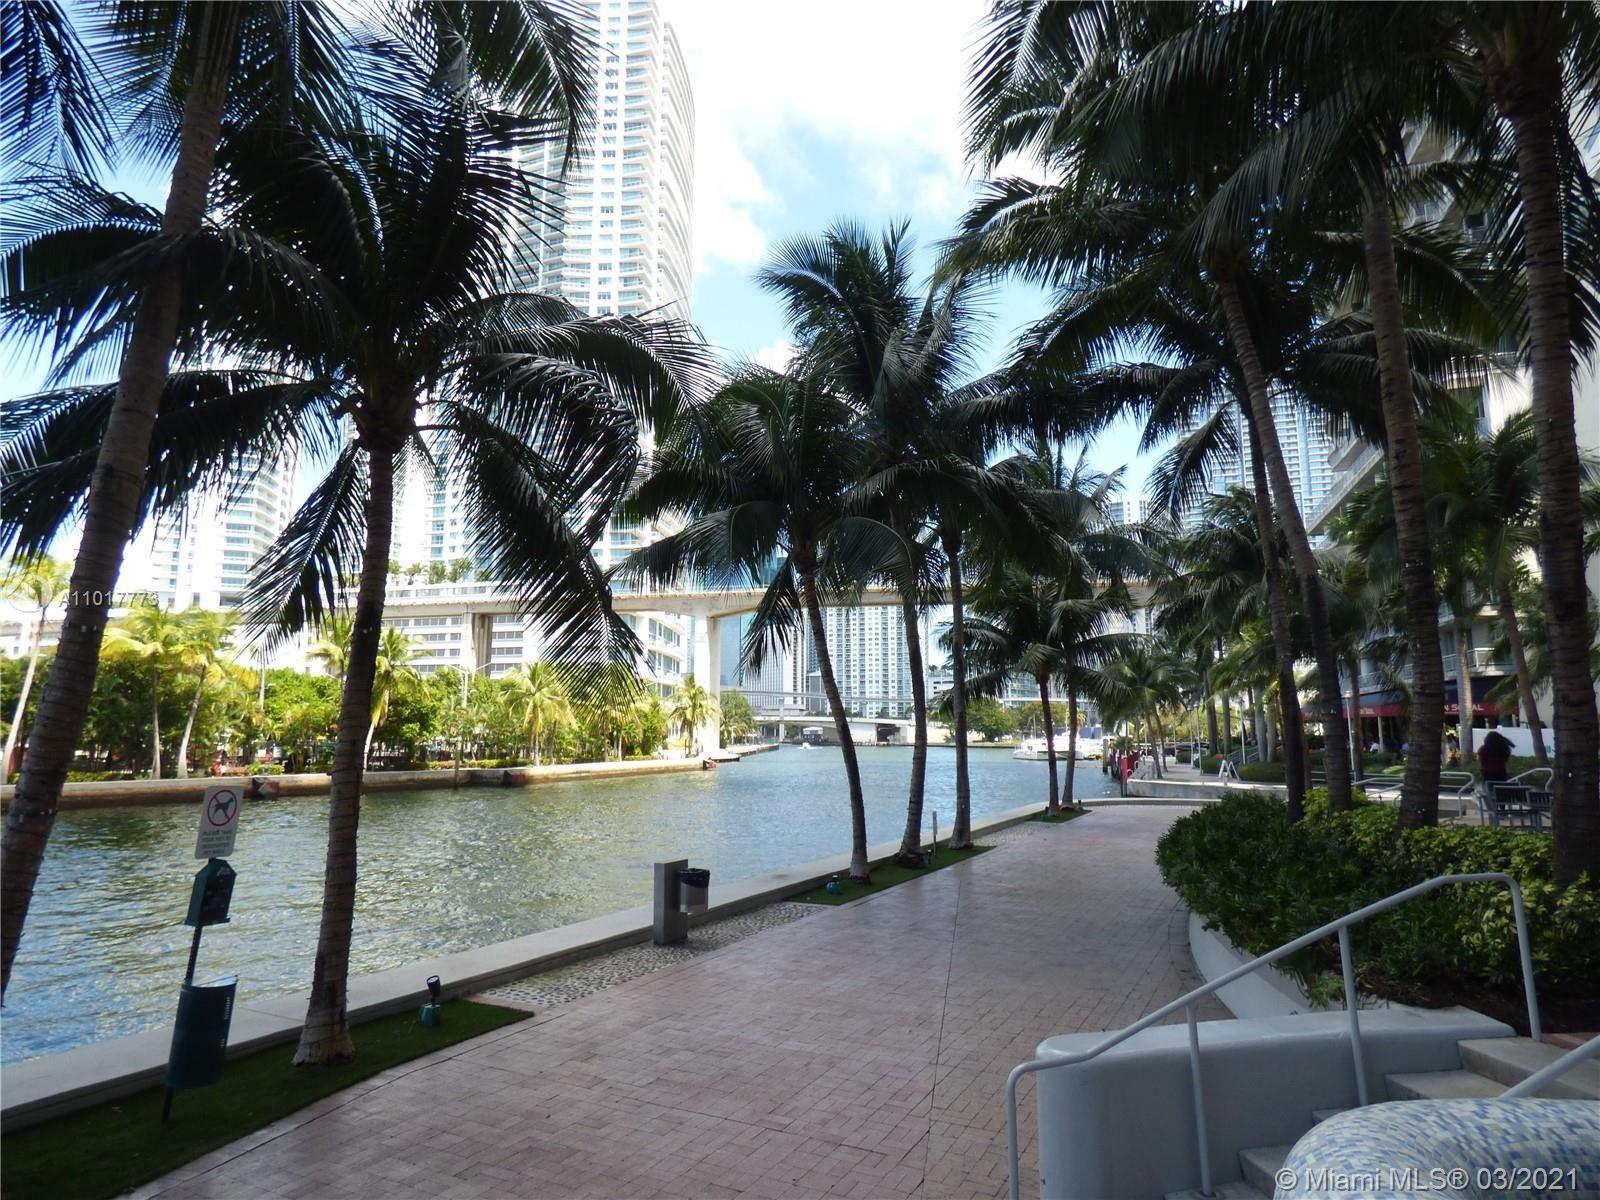 185 SW 7th St #4202, Miami, FL 33130 - #: A11017773